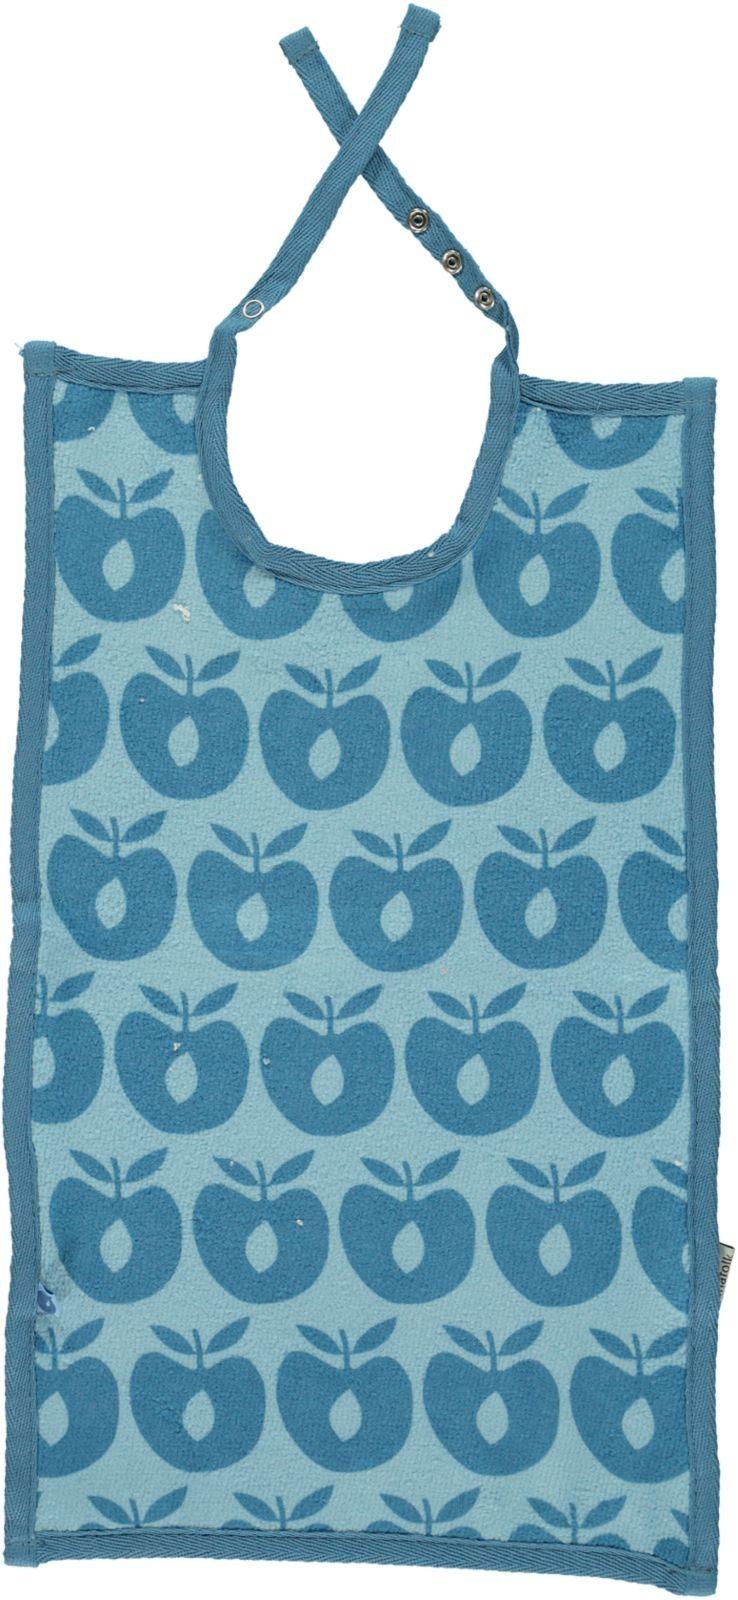 Image of Frotté hagesmæk fra Småfolk - Lang - Økologisk - Blue Apples (80-9040-blue)